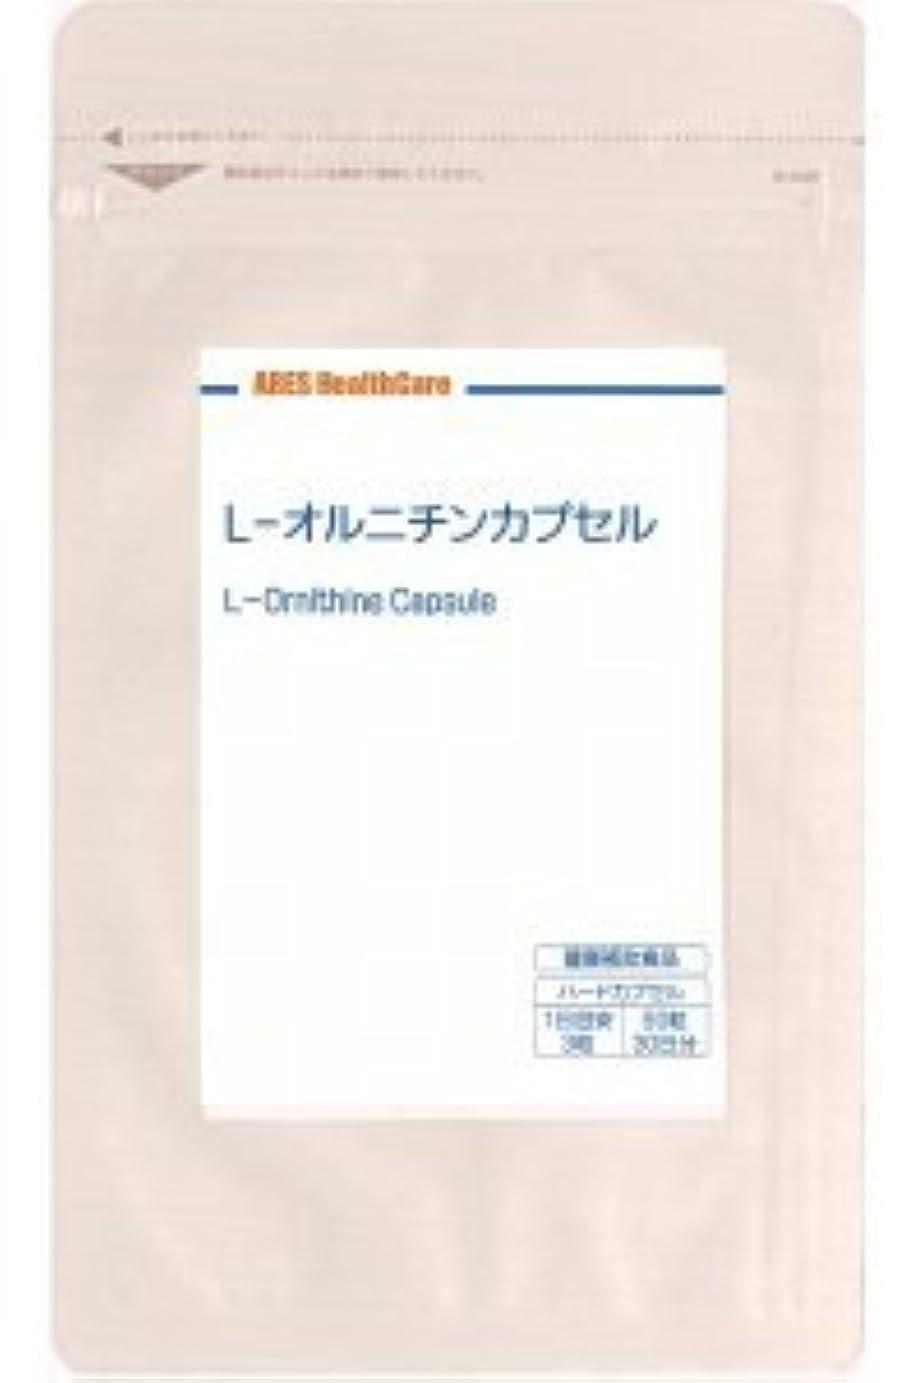 抗議キノコアトムL-オルニチンカプセル(30日分)